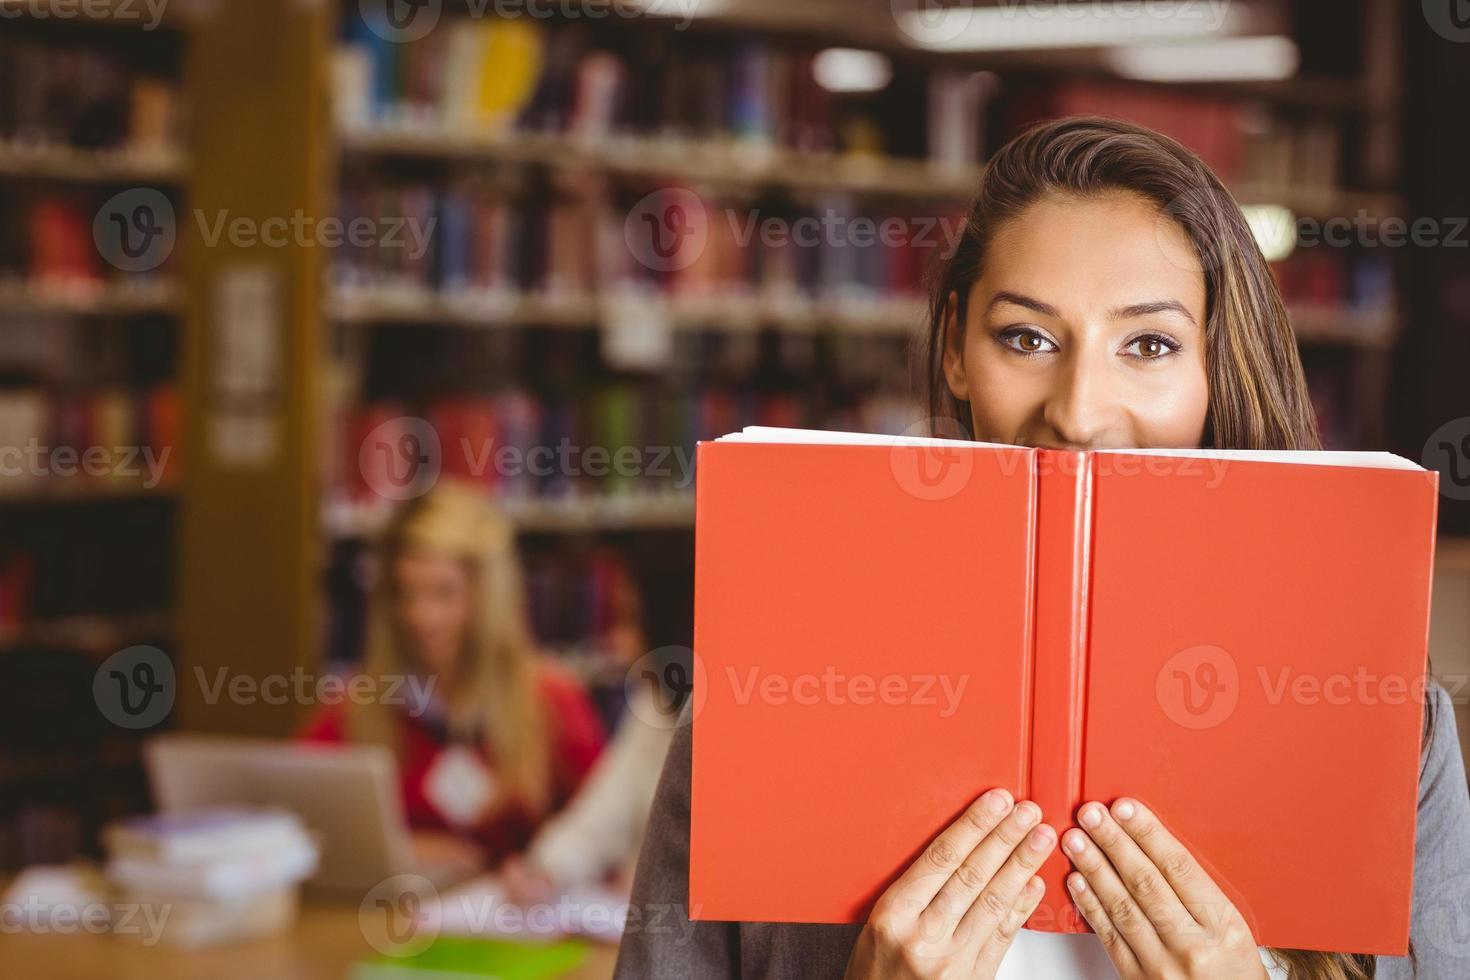 jolie brune étudiante tenant un livre devant son visage photo